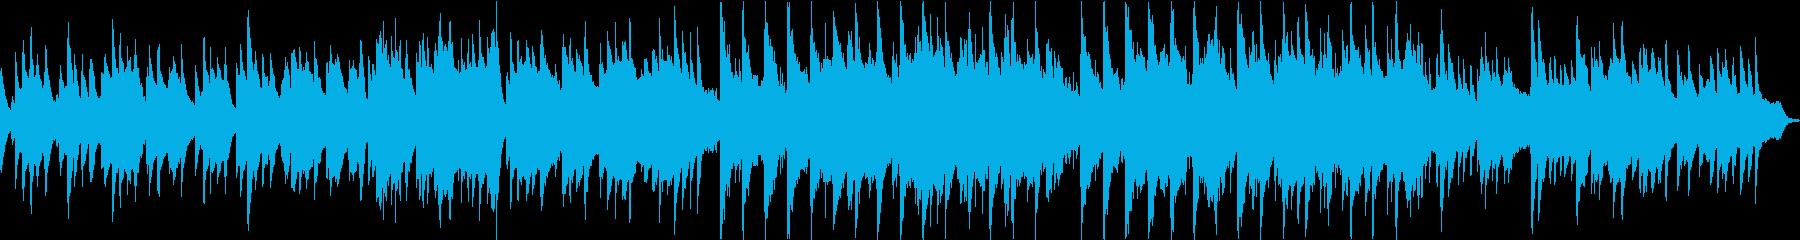 ピアノの旋律が切ない6/8拍子の再生済みの波形